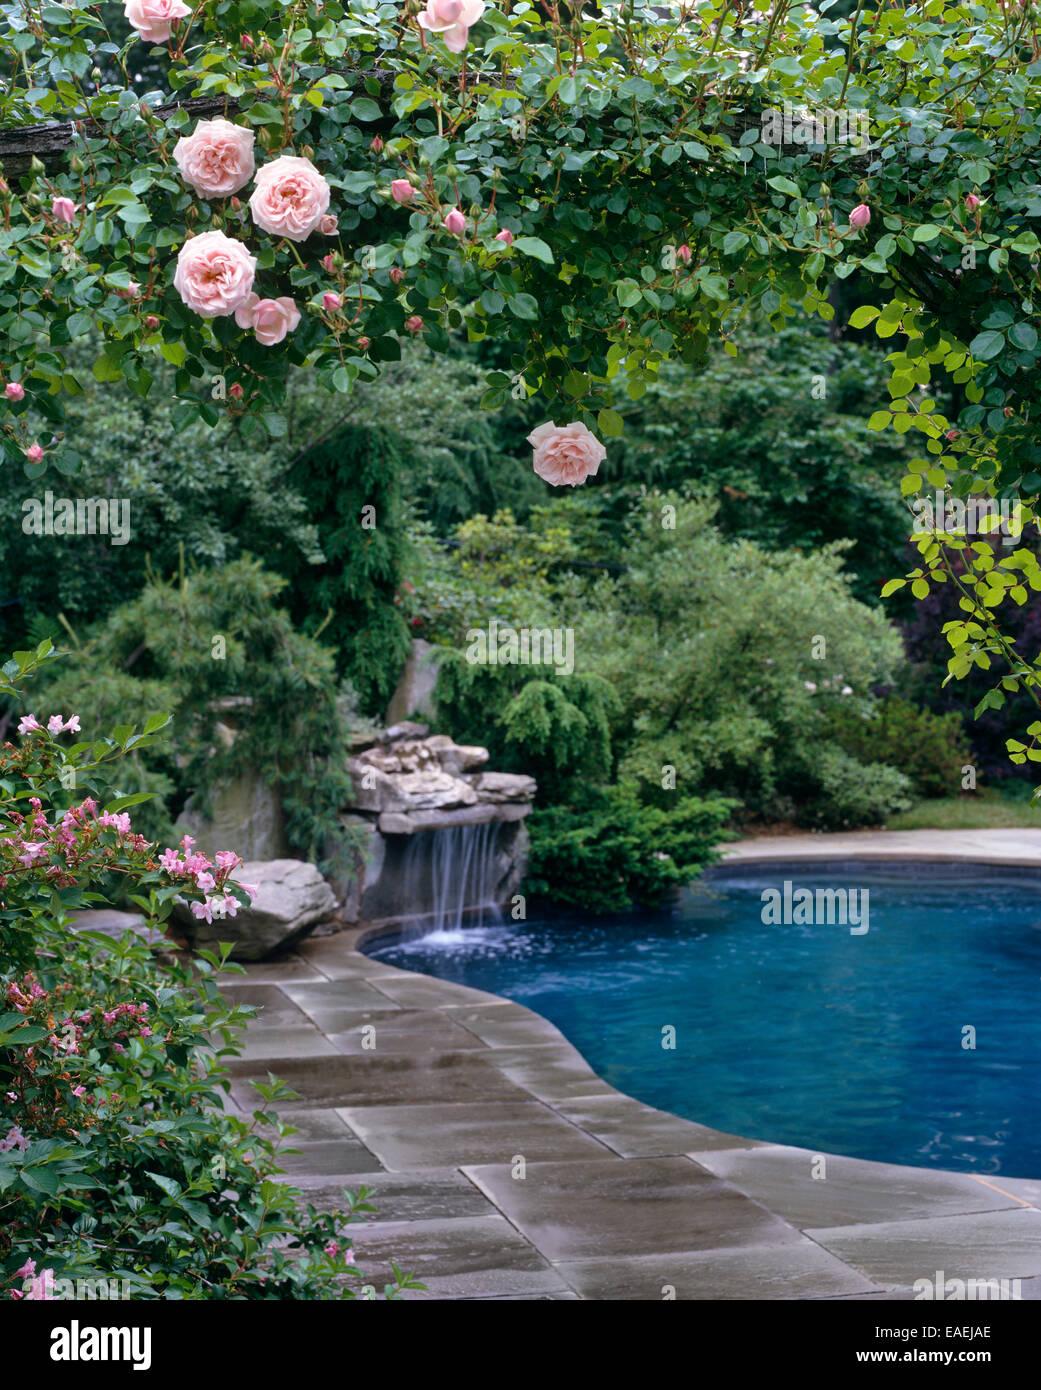 Piscine et chute d'eau, telle que perçue par les roses de jardin Photo Stock